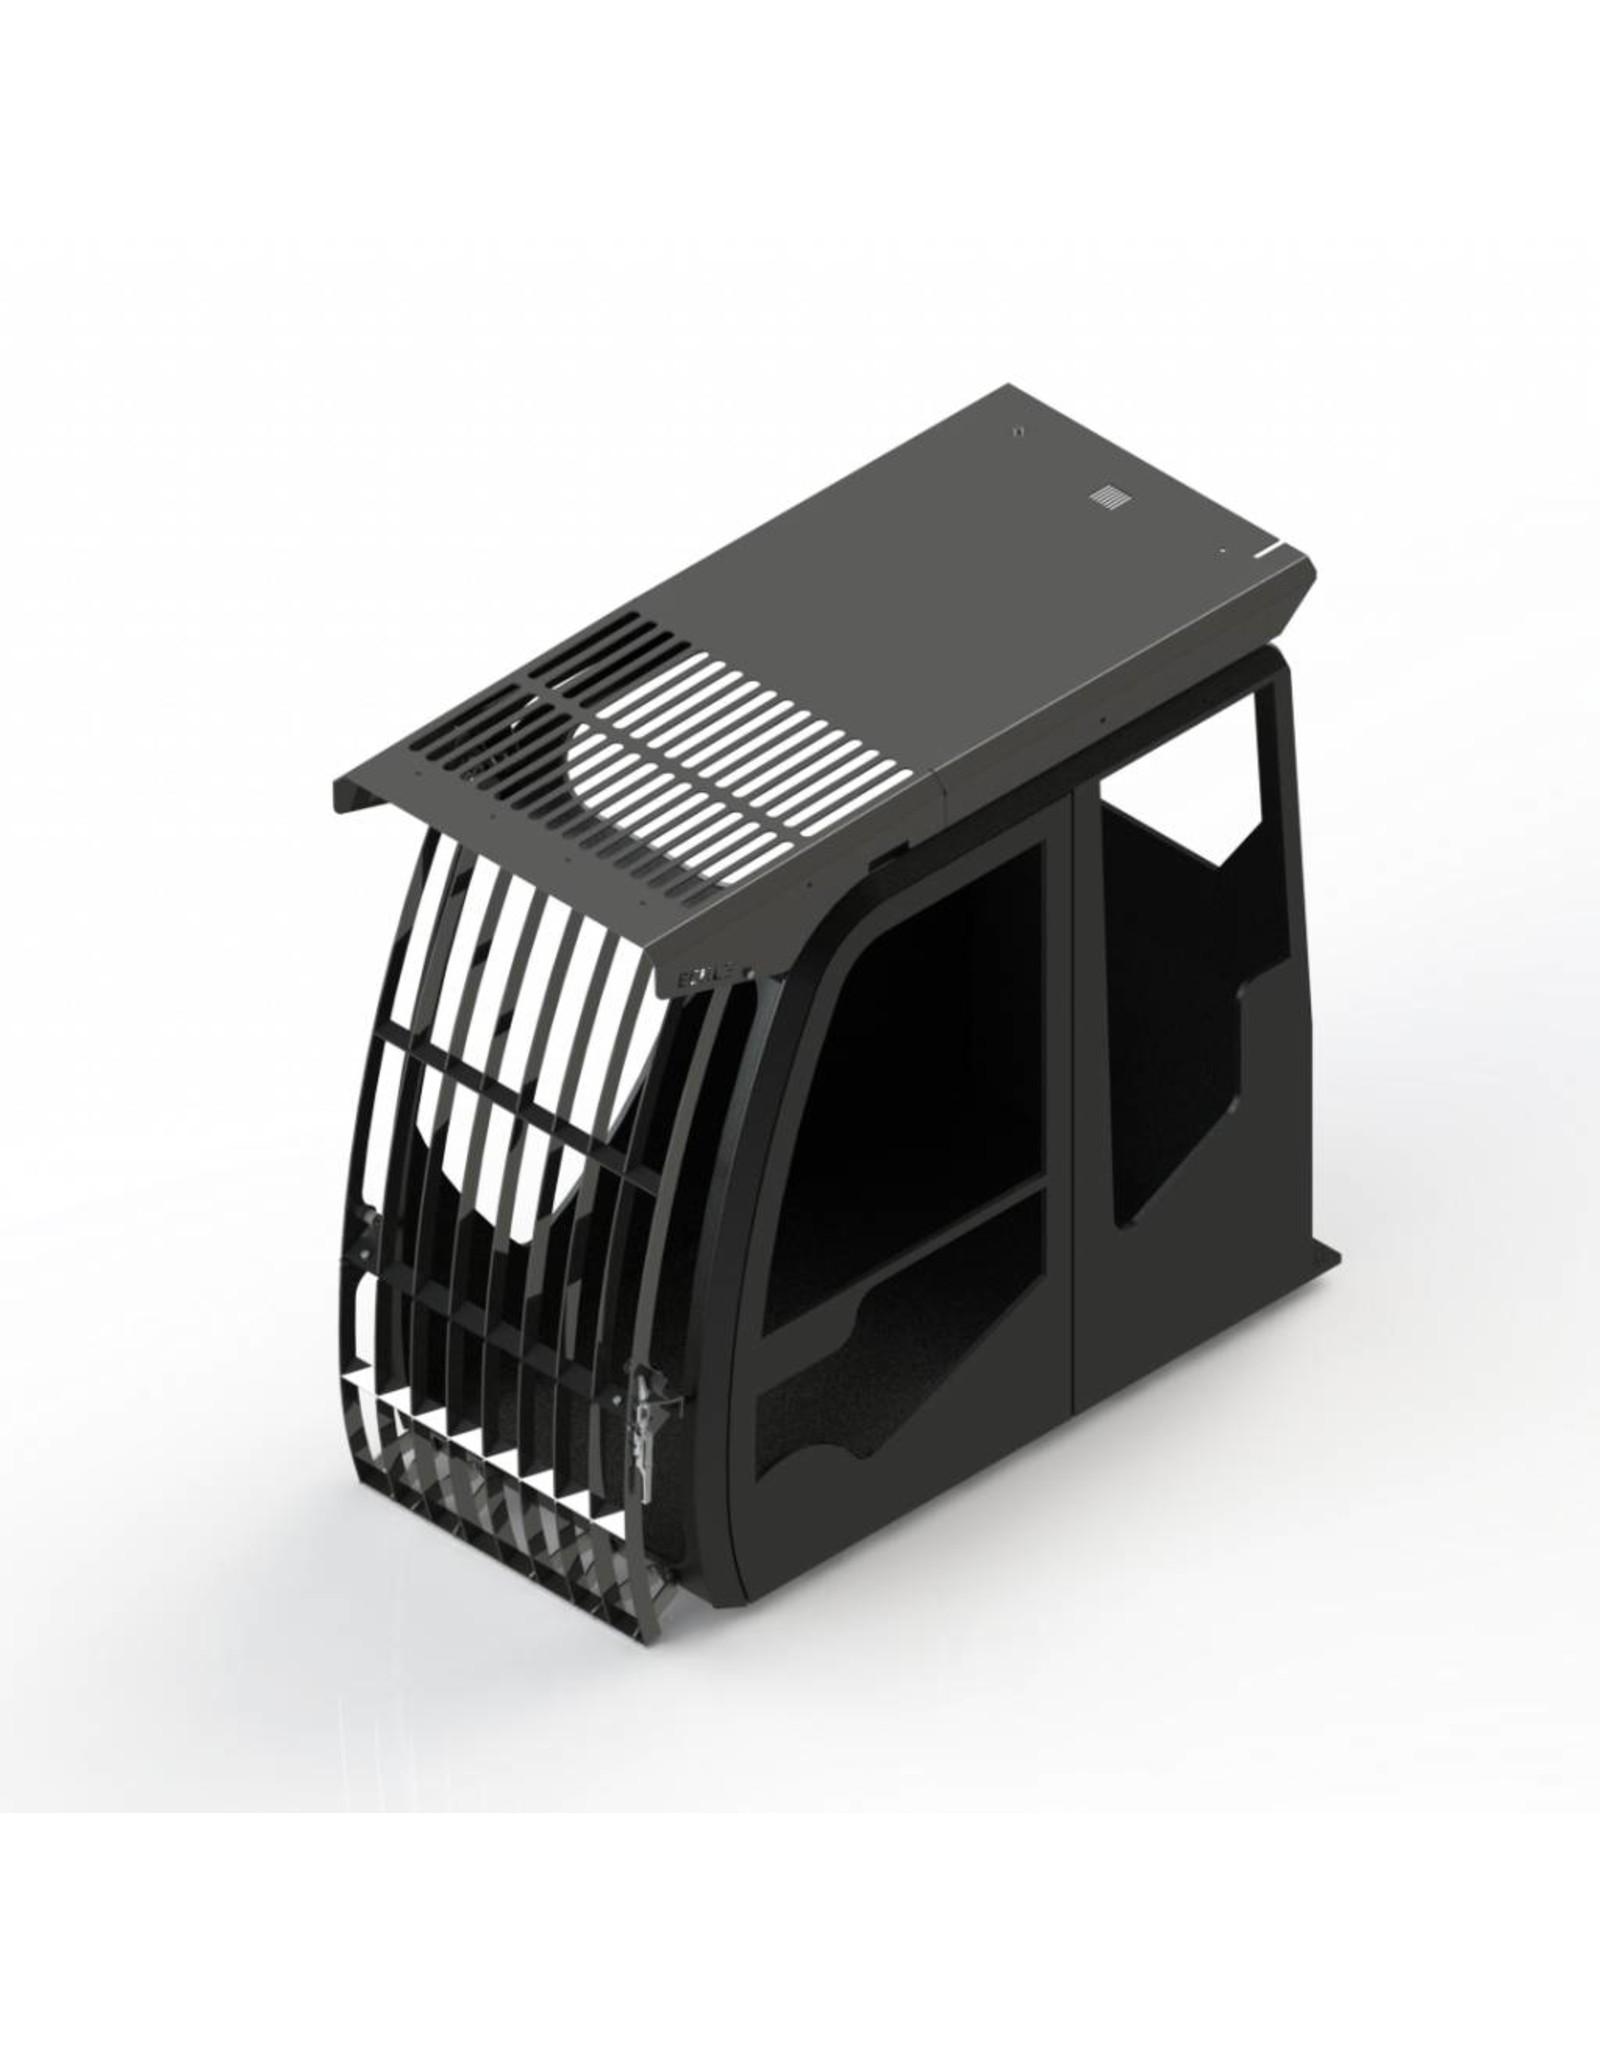 Echle Hartstahl GmbH FOPS pour Doosan DX490LC-5